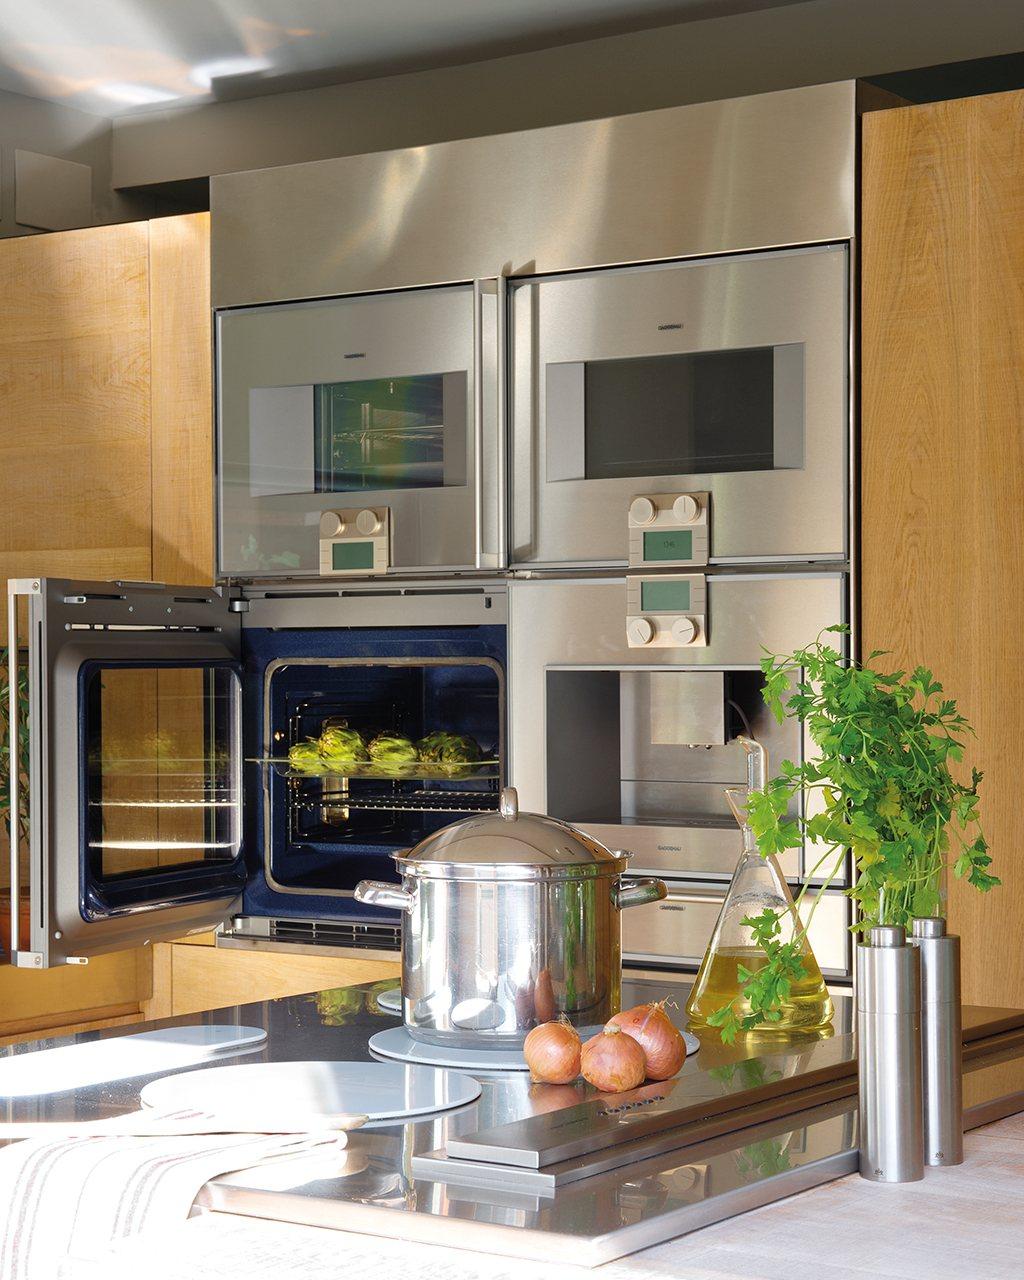 Electrodom Sticos Para Una Cocina M S Limpia Y Sana # Muebles De Cocina Gaggenau